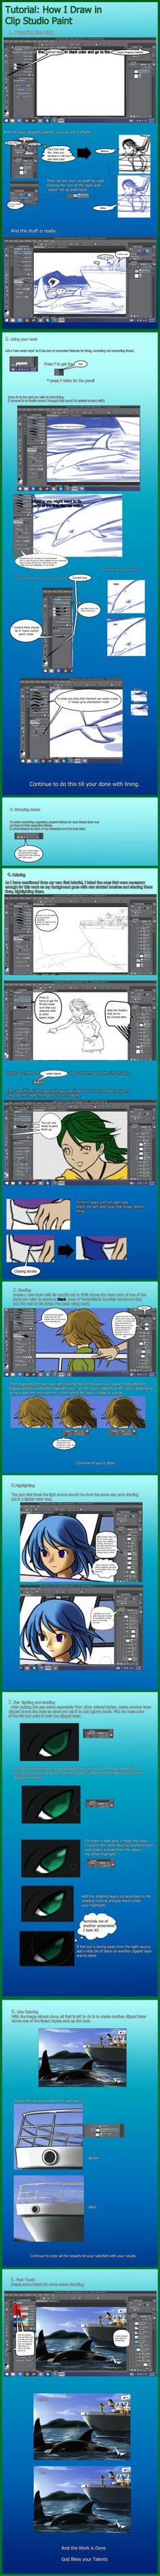 Clip Studio Paint Tutorial by Vanzkie.deviantart.com on @DeviantArt